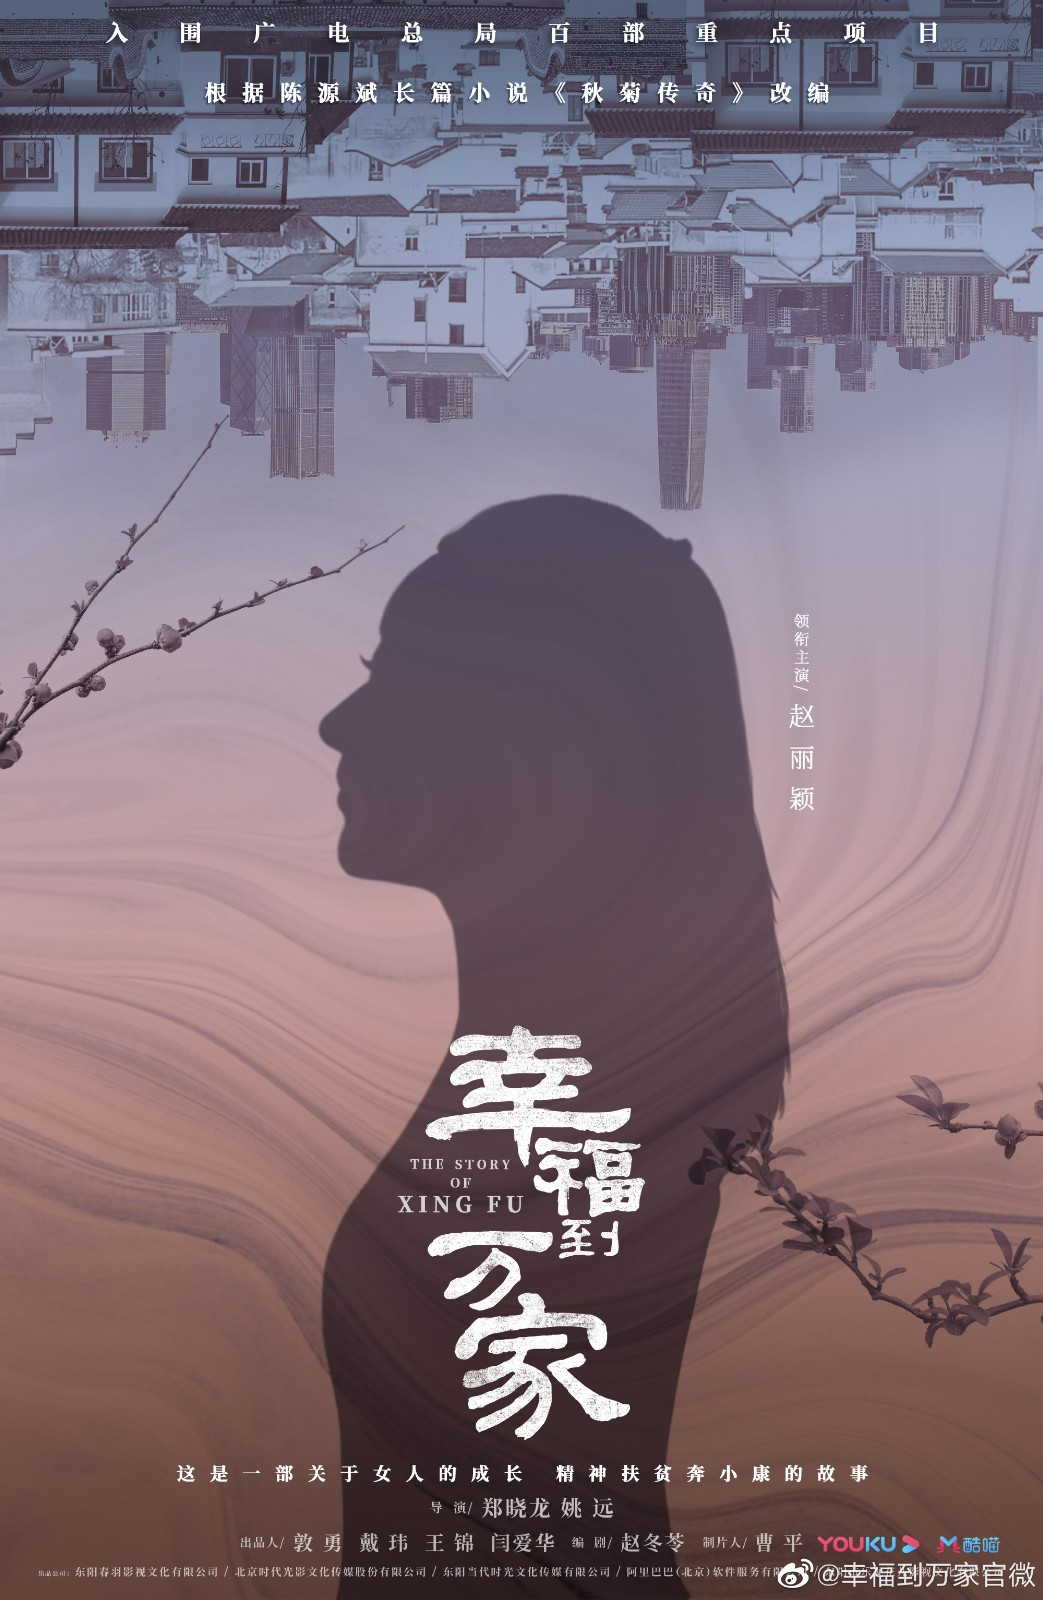 《幸福到万家》第一张曝光通知赵演绎励志新女性